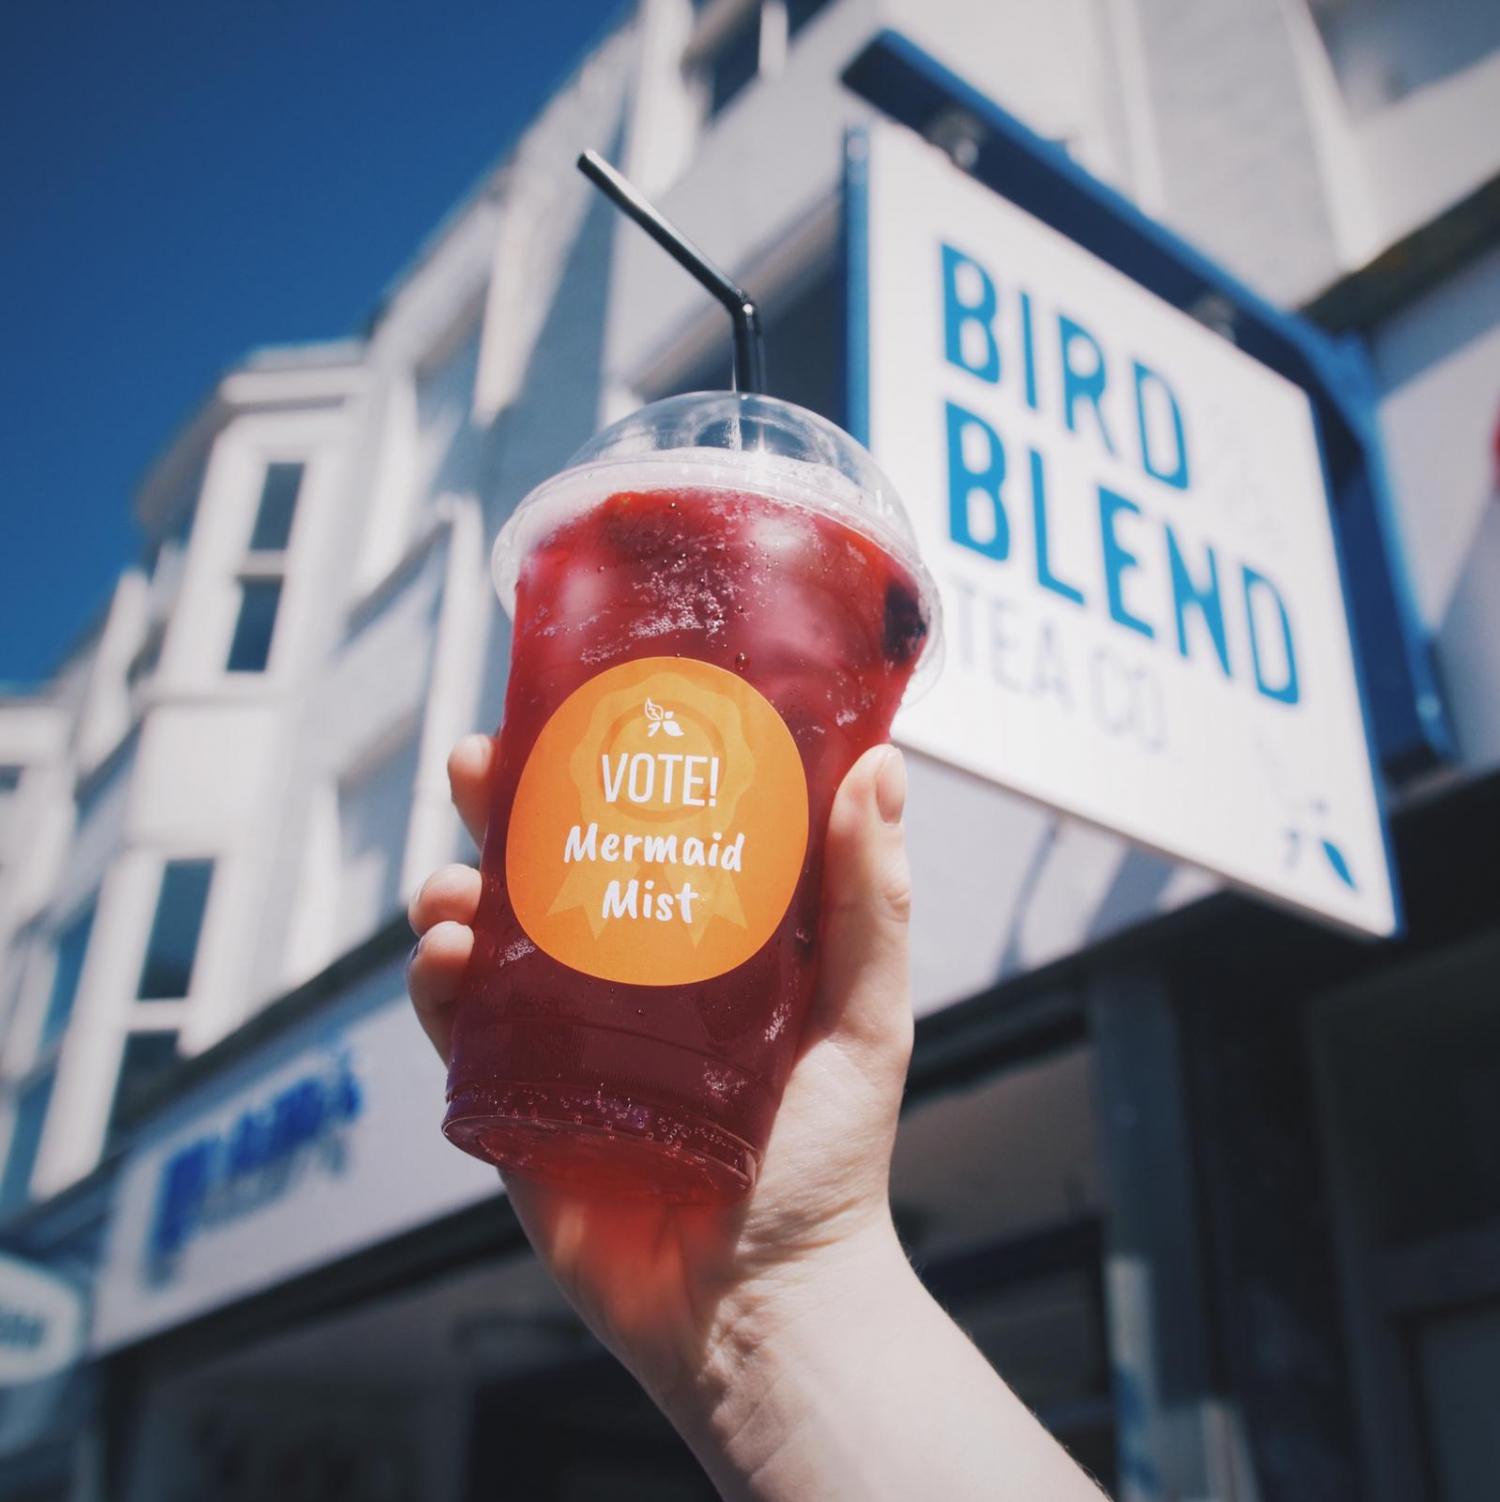 Bird and Blend Tea